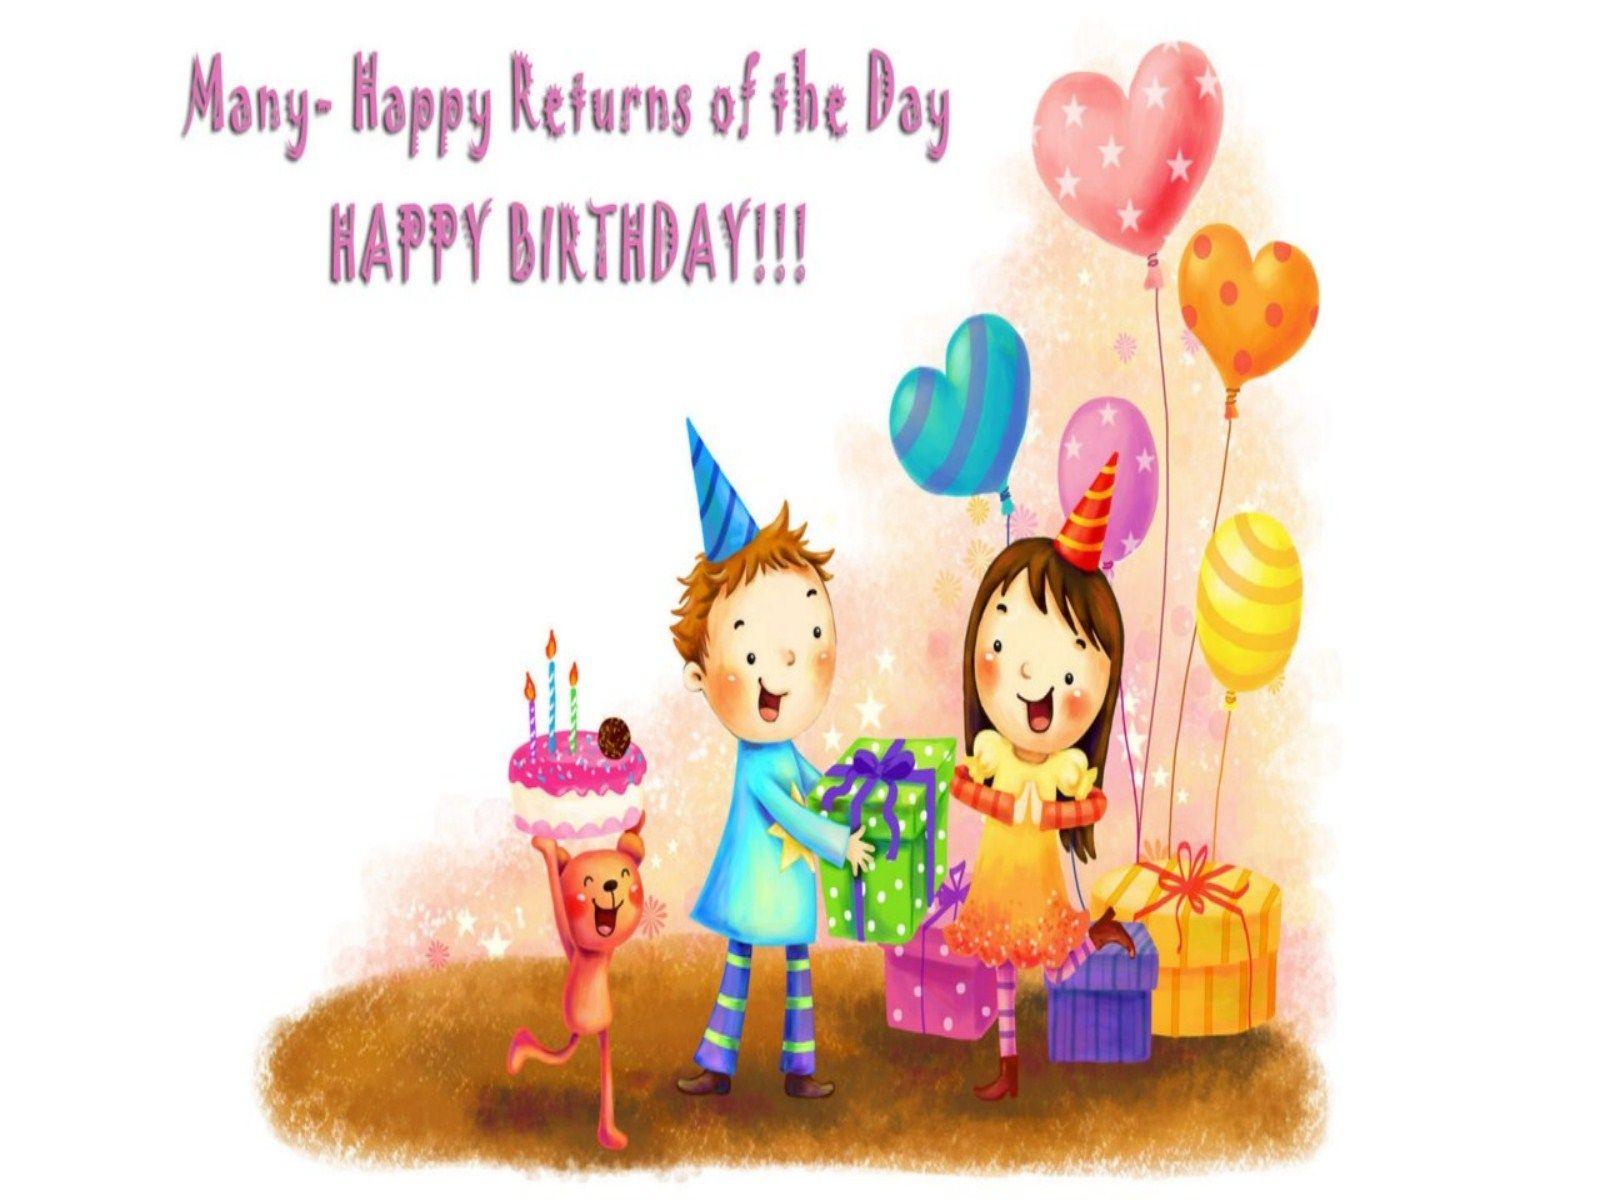 Happy birthday wishes happy birthday pinterest happy happy birthday wishes kristyandbryce Choice Image